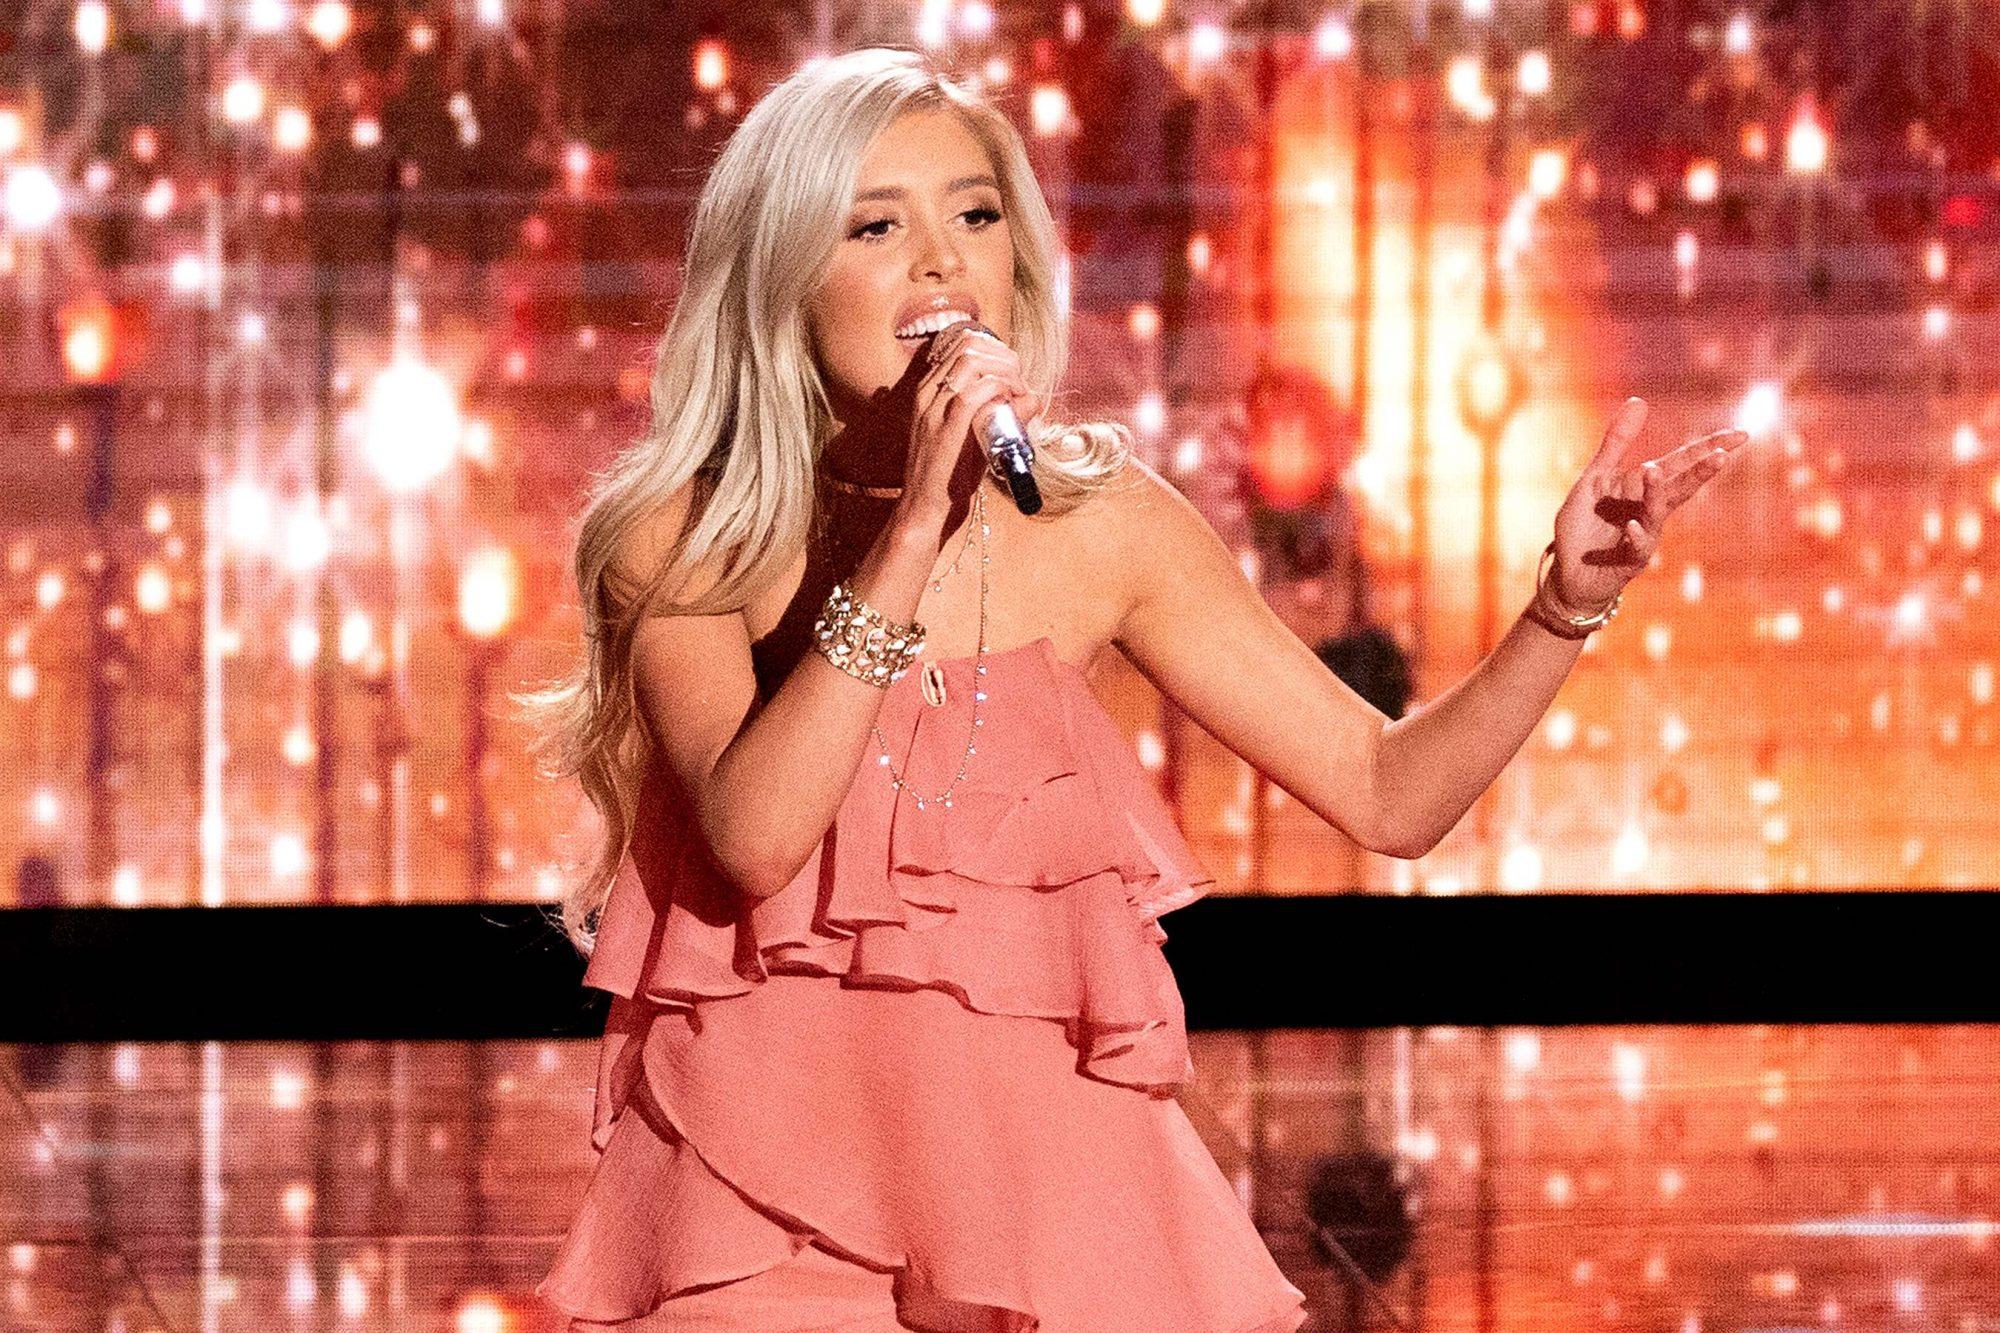 Laci Kaye Booth in American Idol on 4/15/19